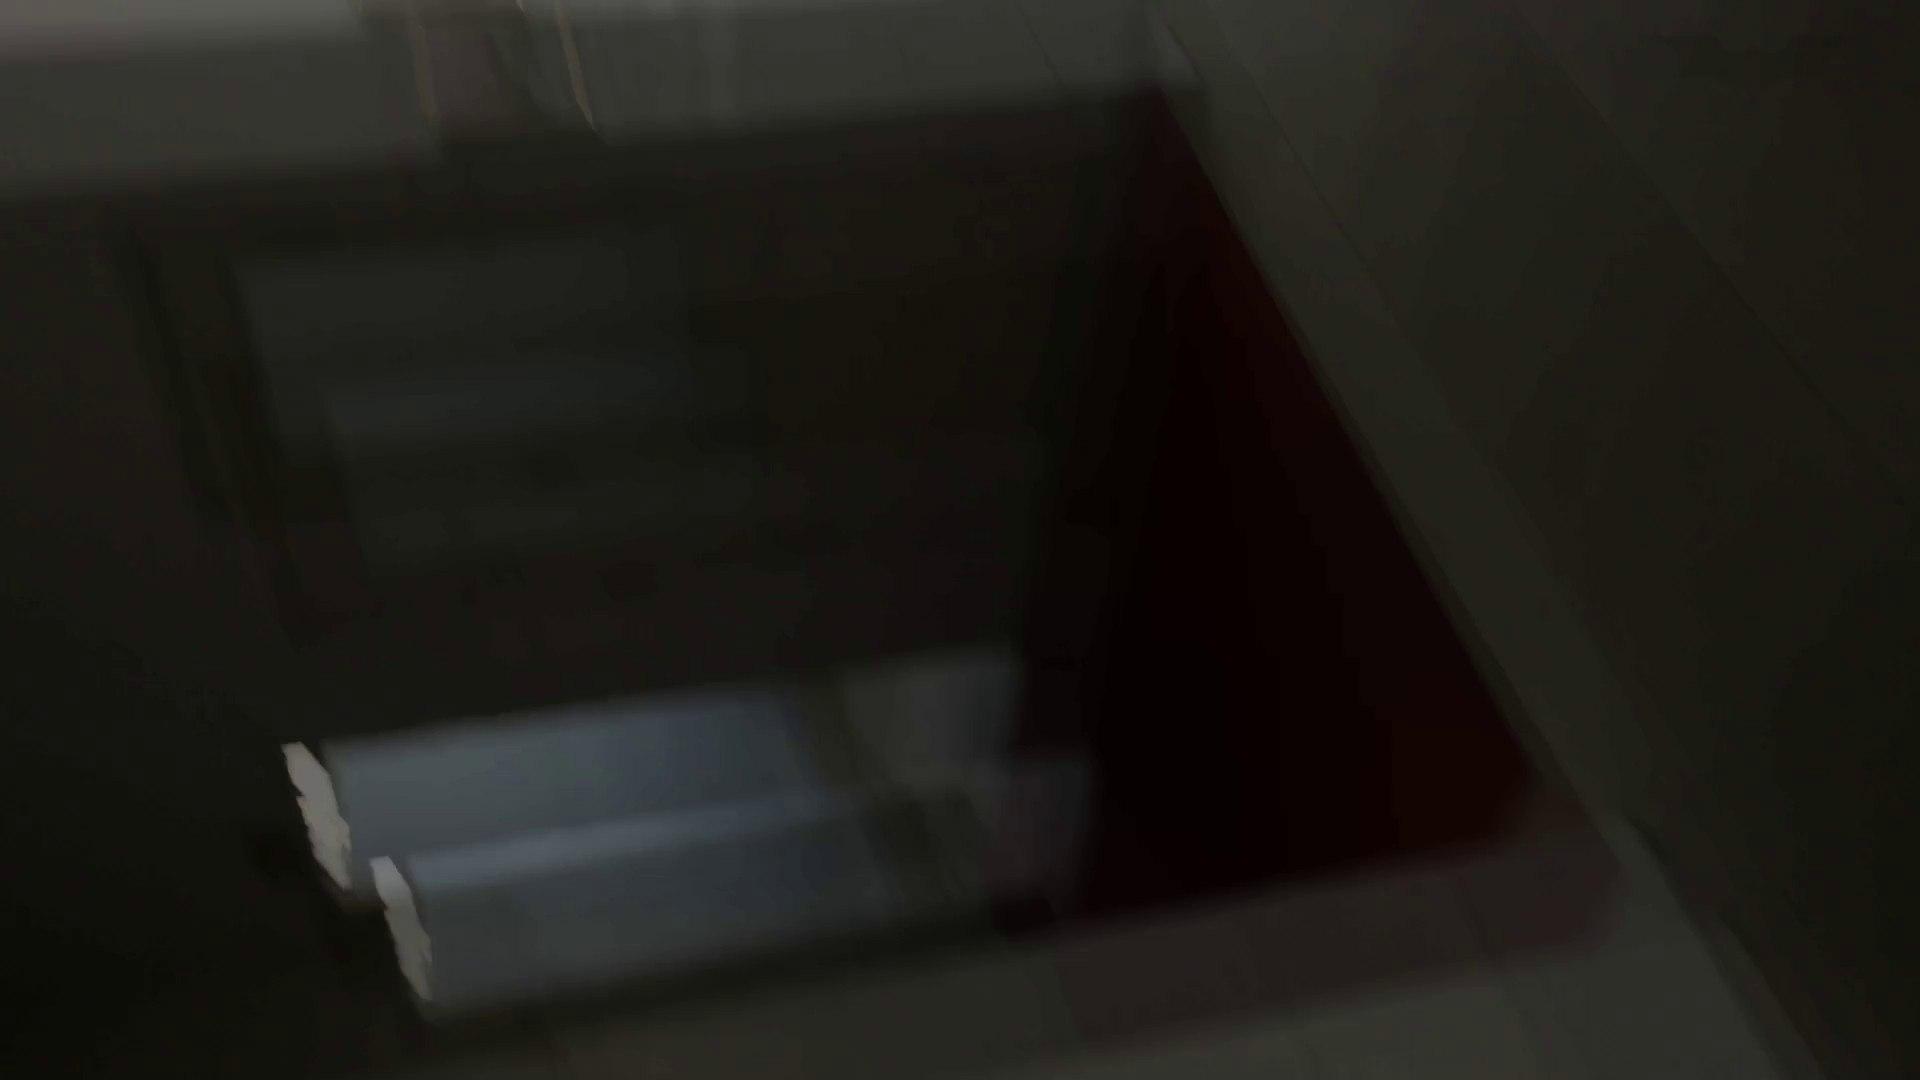 芸術大学ガチ潜入盗撮 JD盗撮 美女の洗面所の秘密 Vol.91 トイレ中の女子達  60連発 36